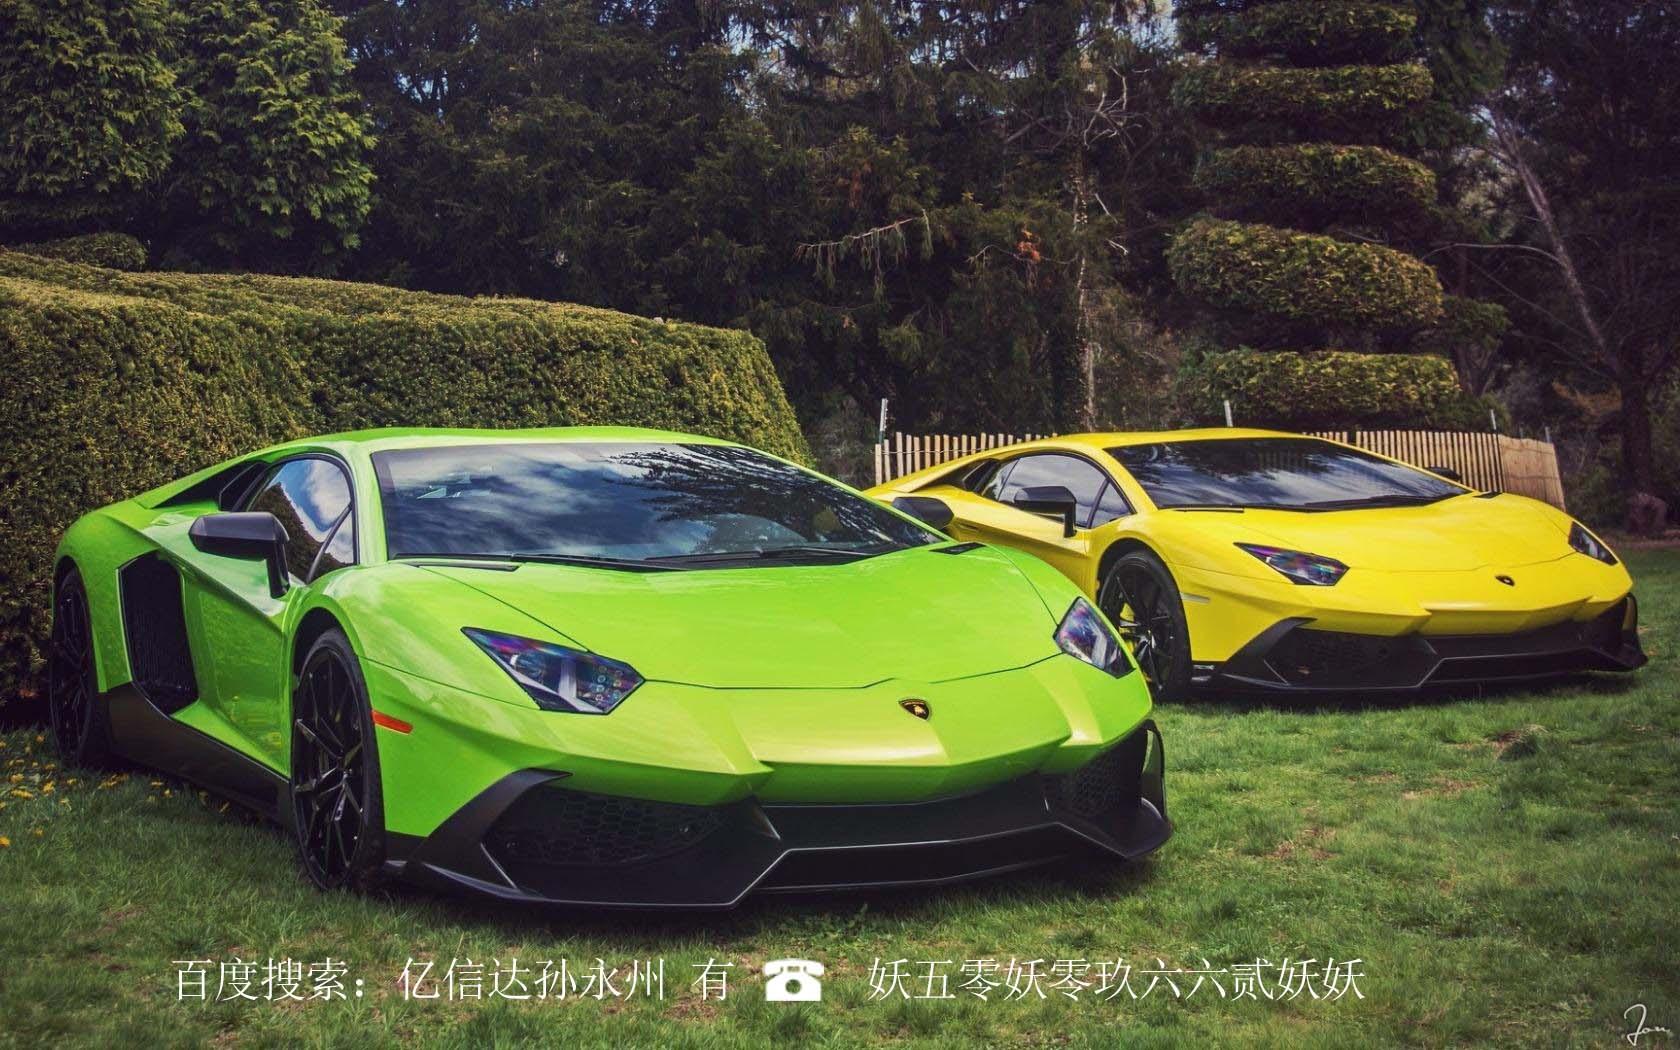 高价收购北京靓号豹子888车牌儿